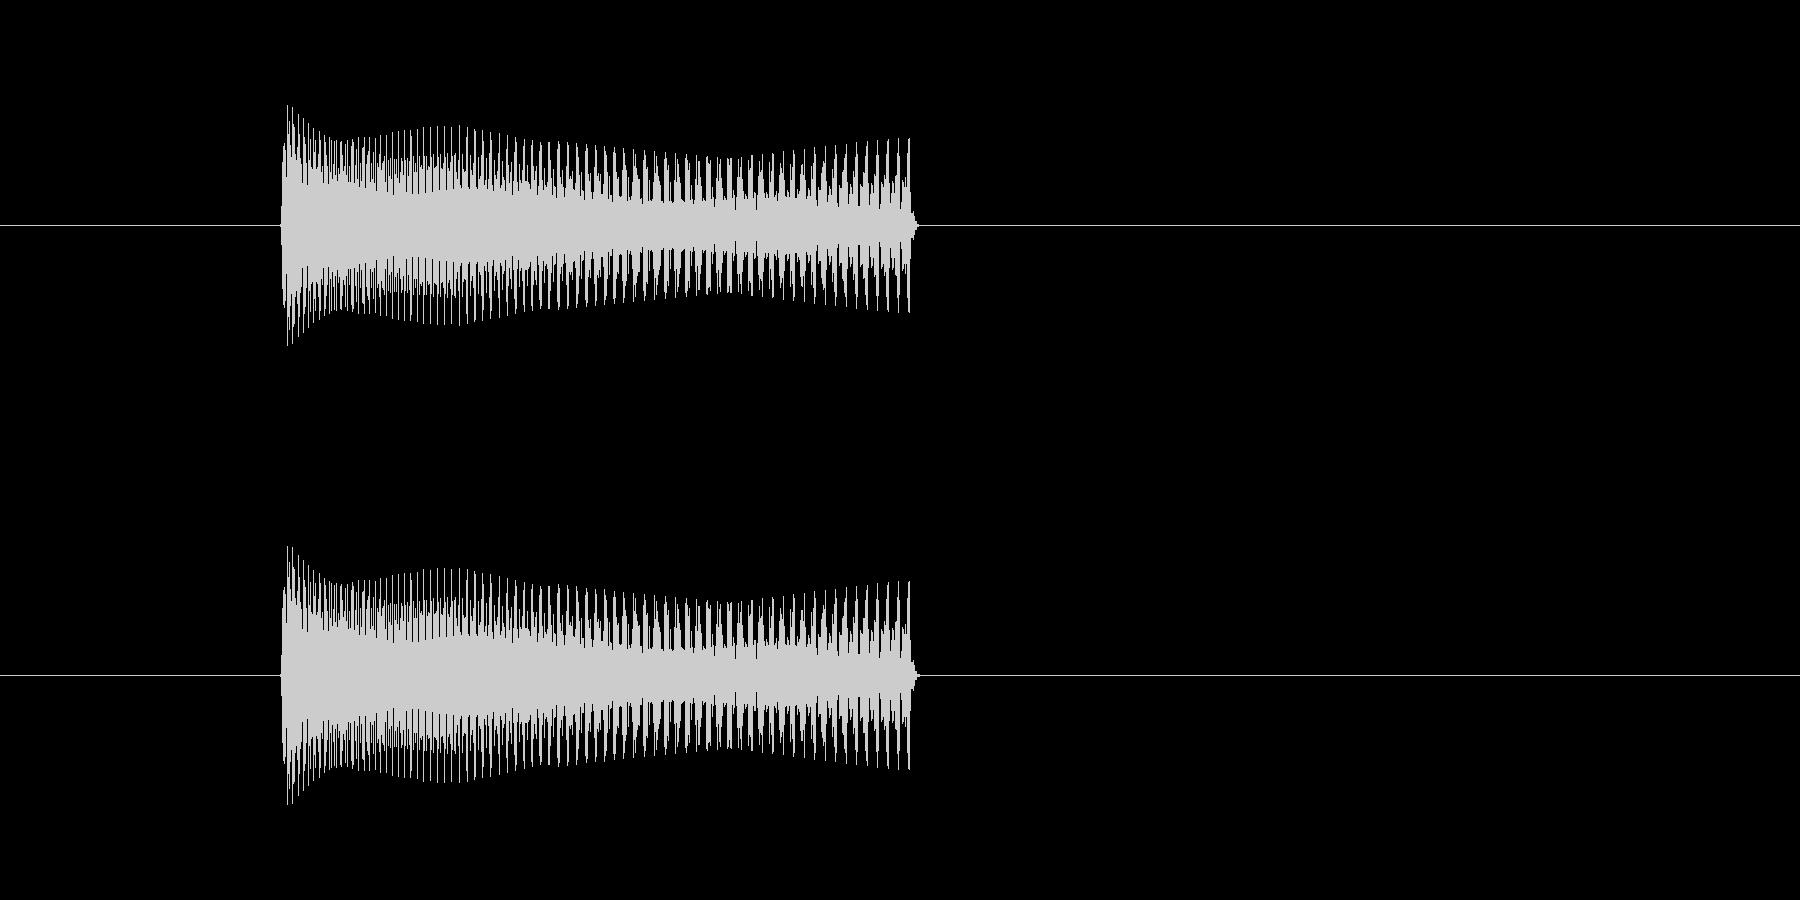 ティロリーン↓というシンセの早い下降音…の未再生の波形